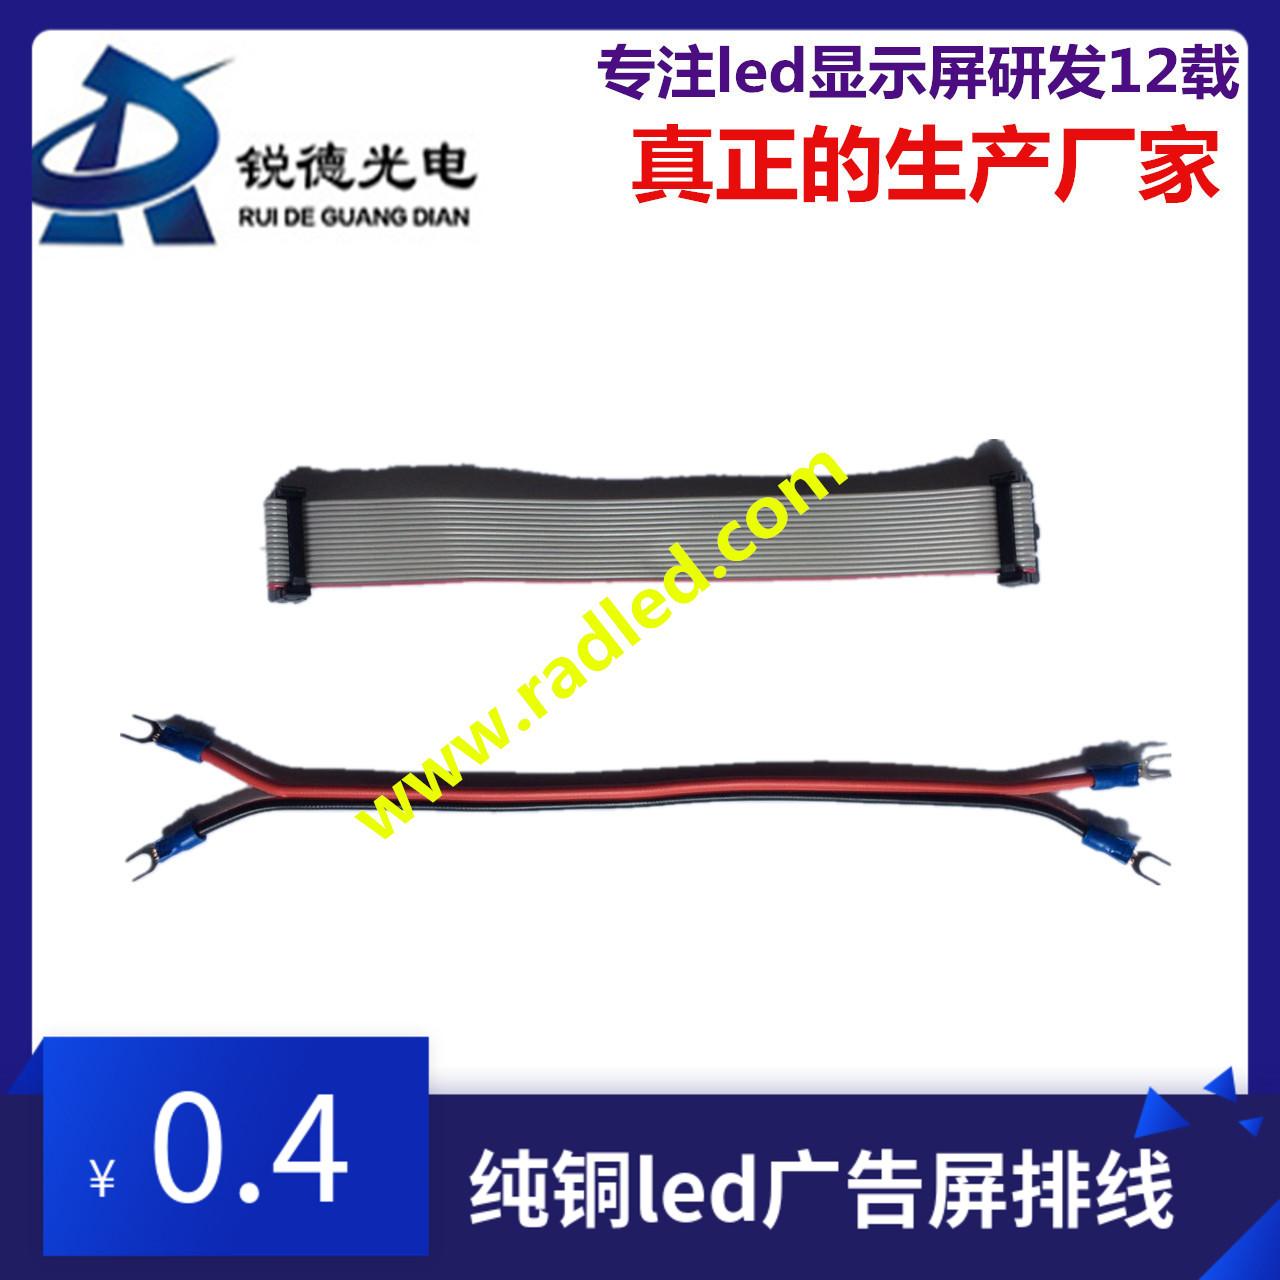 中國代購|中國批發-ibuy99|������P10|品牌LED显示屏排线广告屏门头滚动屏电源线P10单元板连接线配件